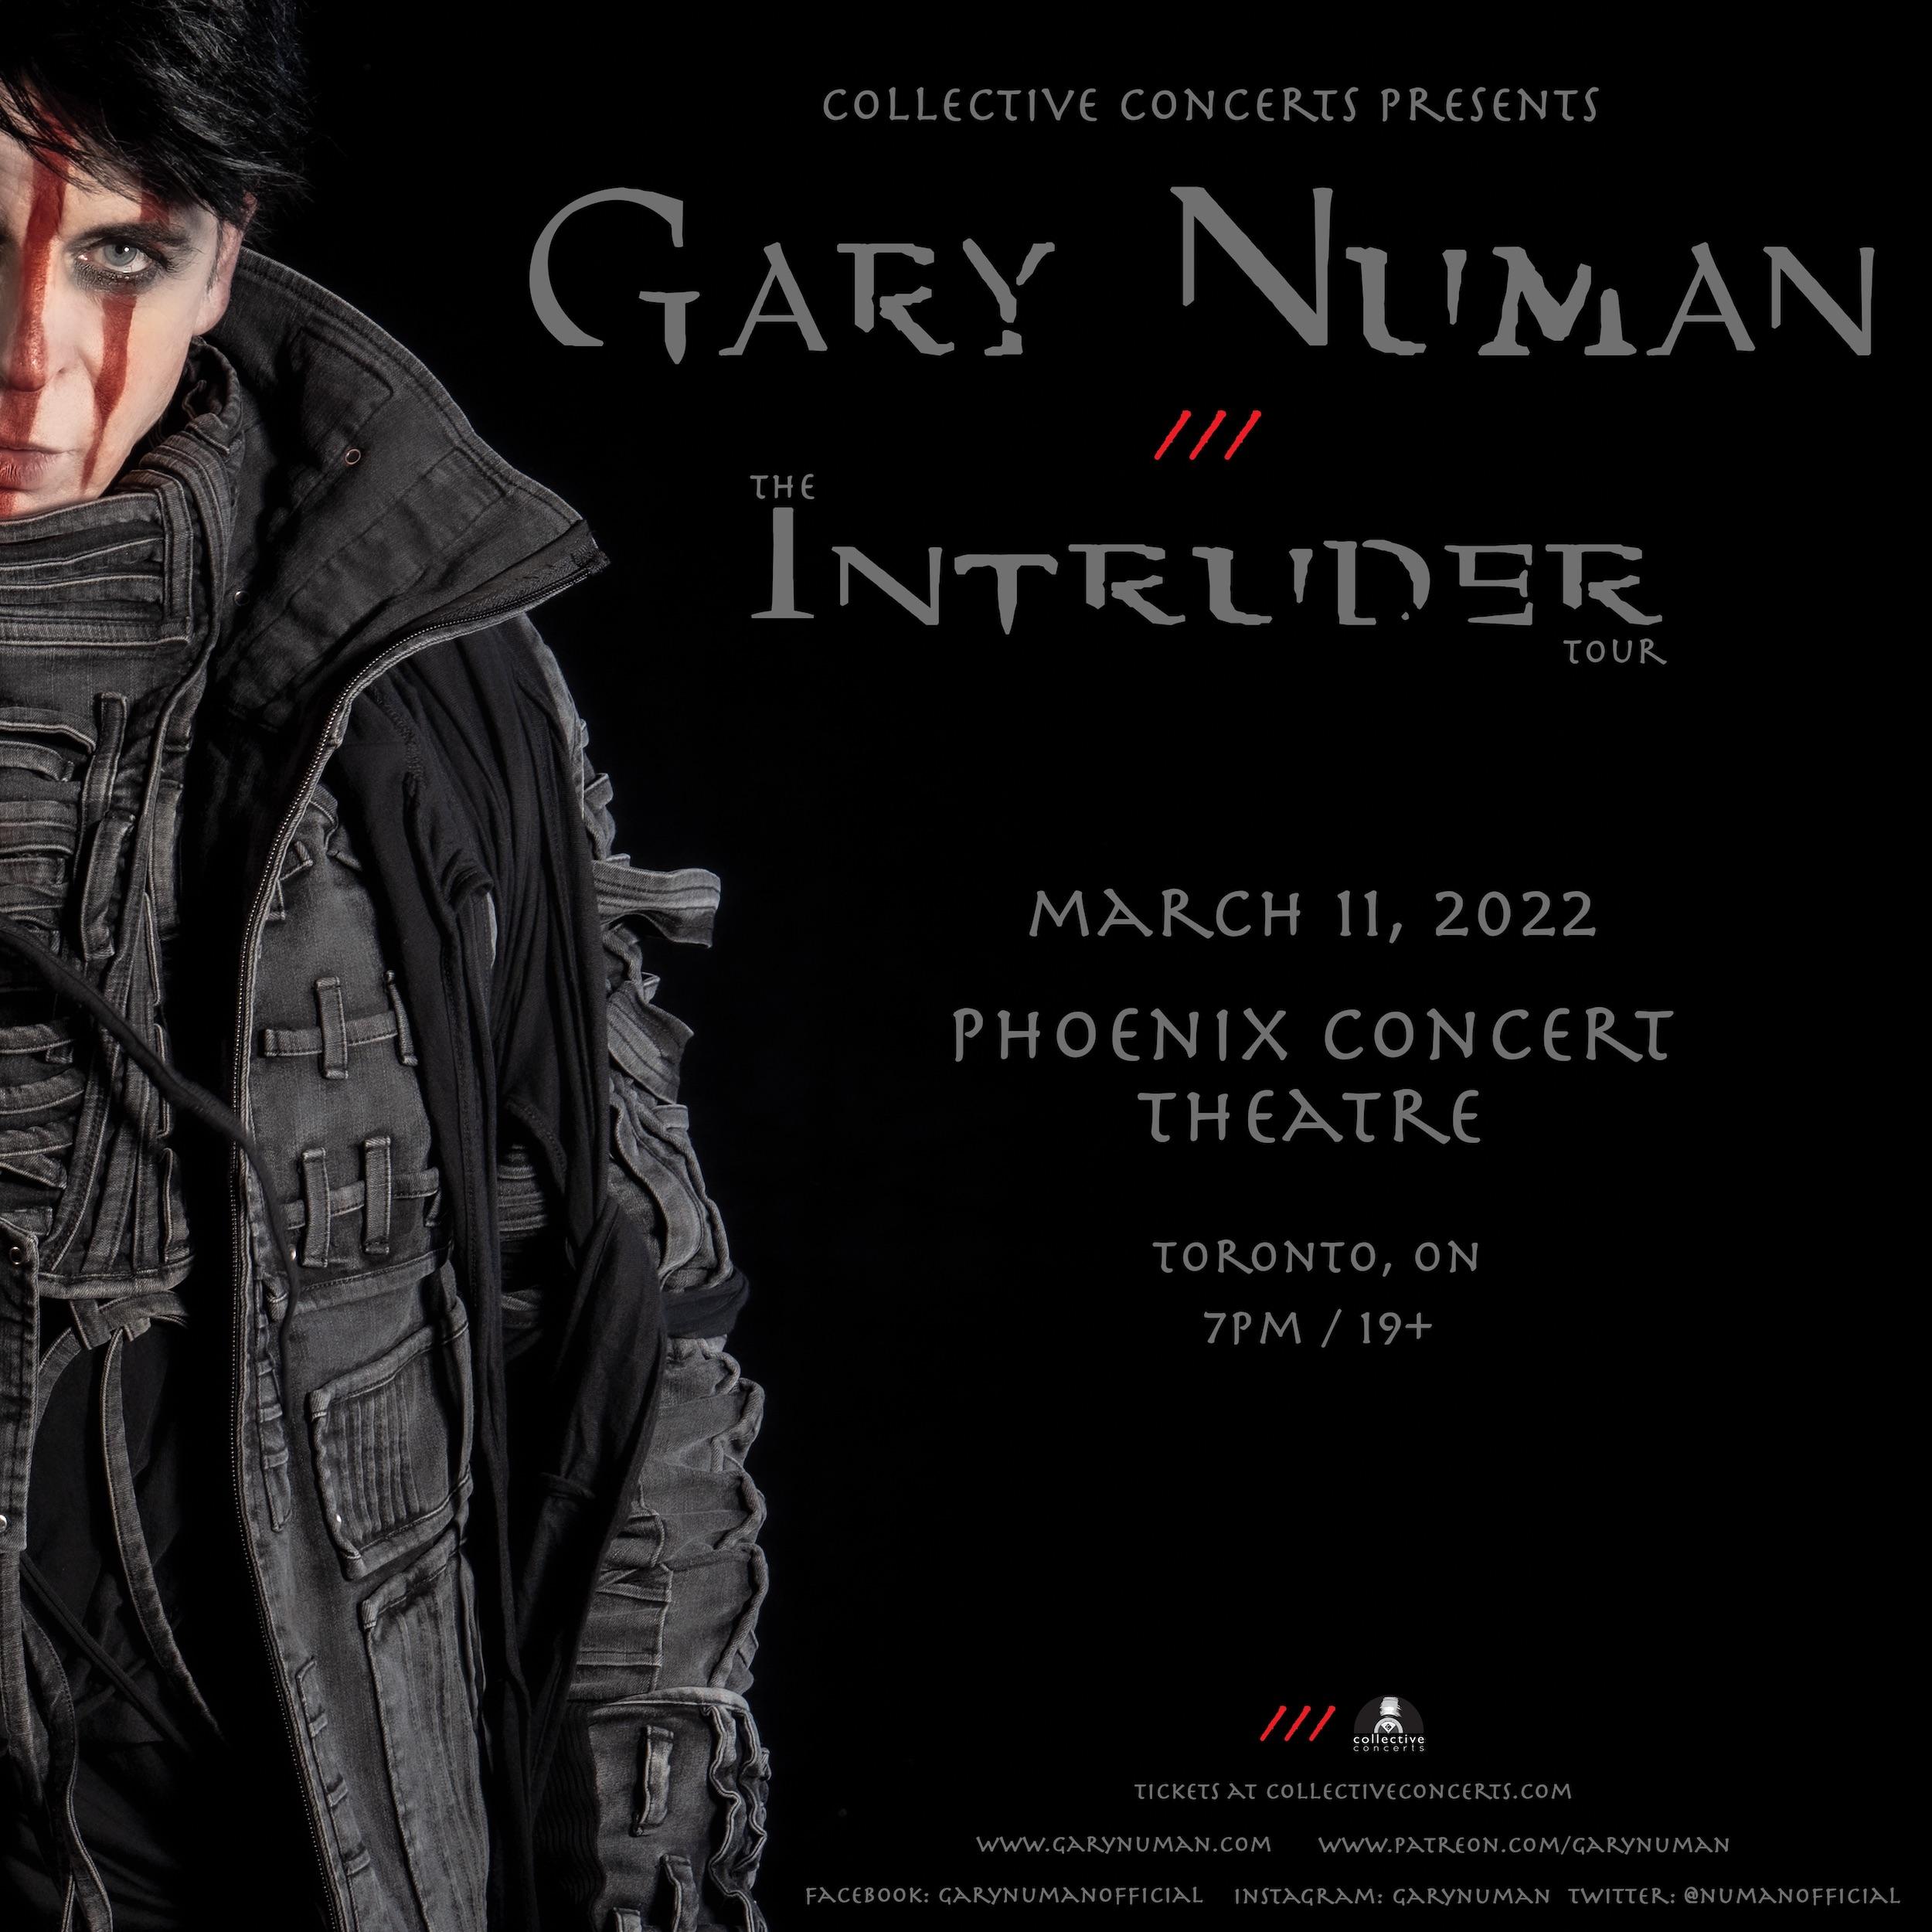 Gary Numan - The Intruder Tour